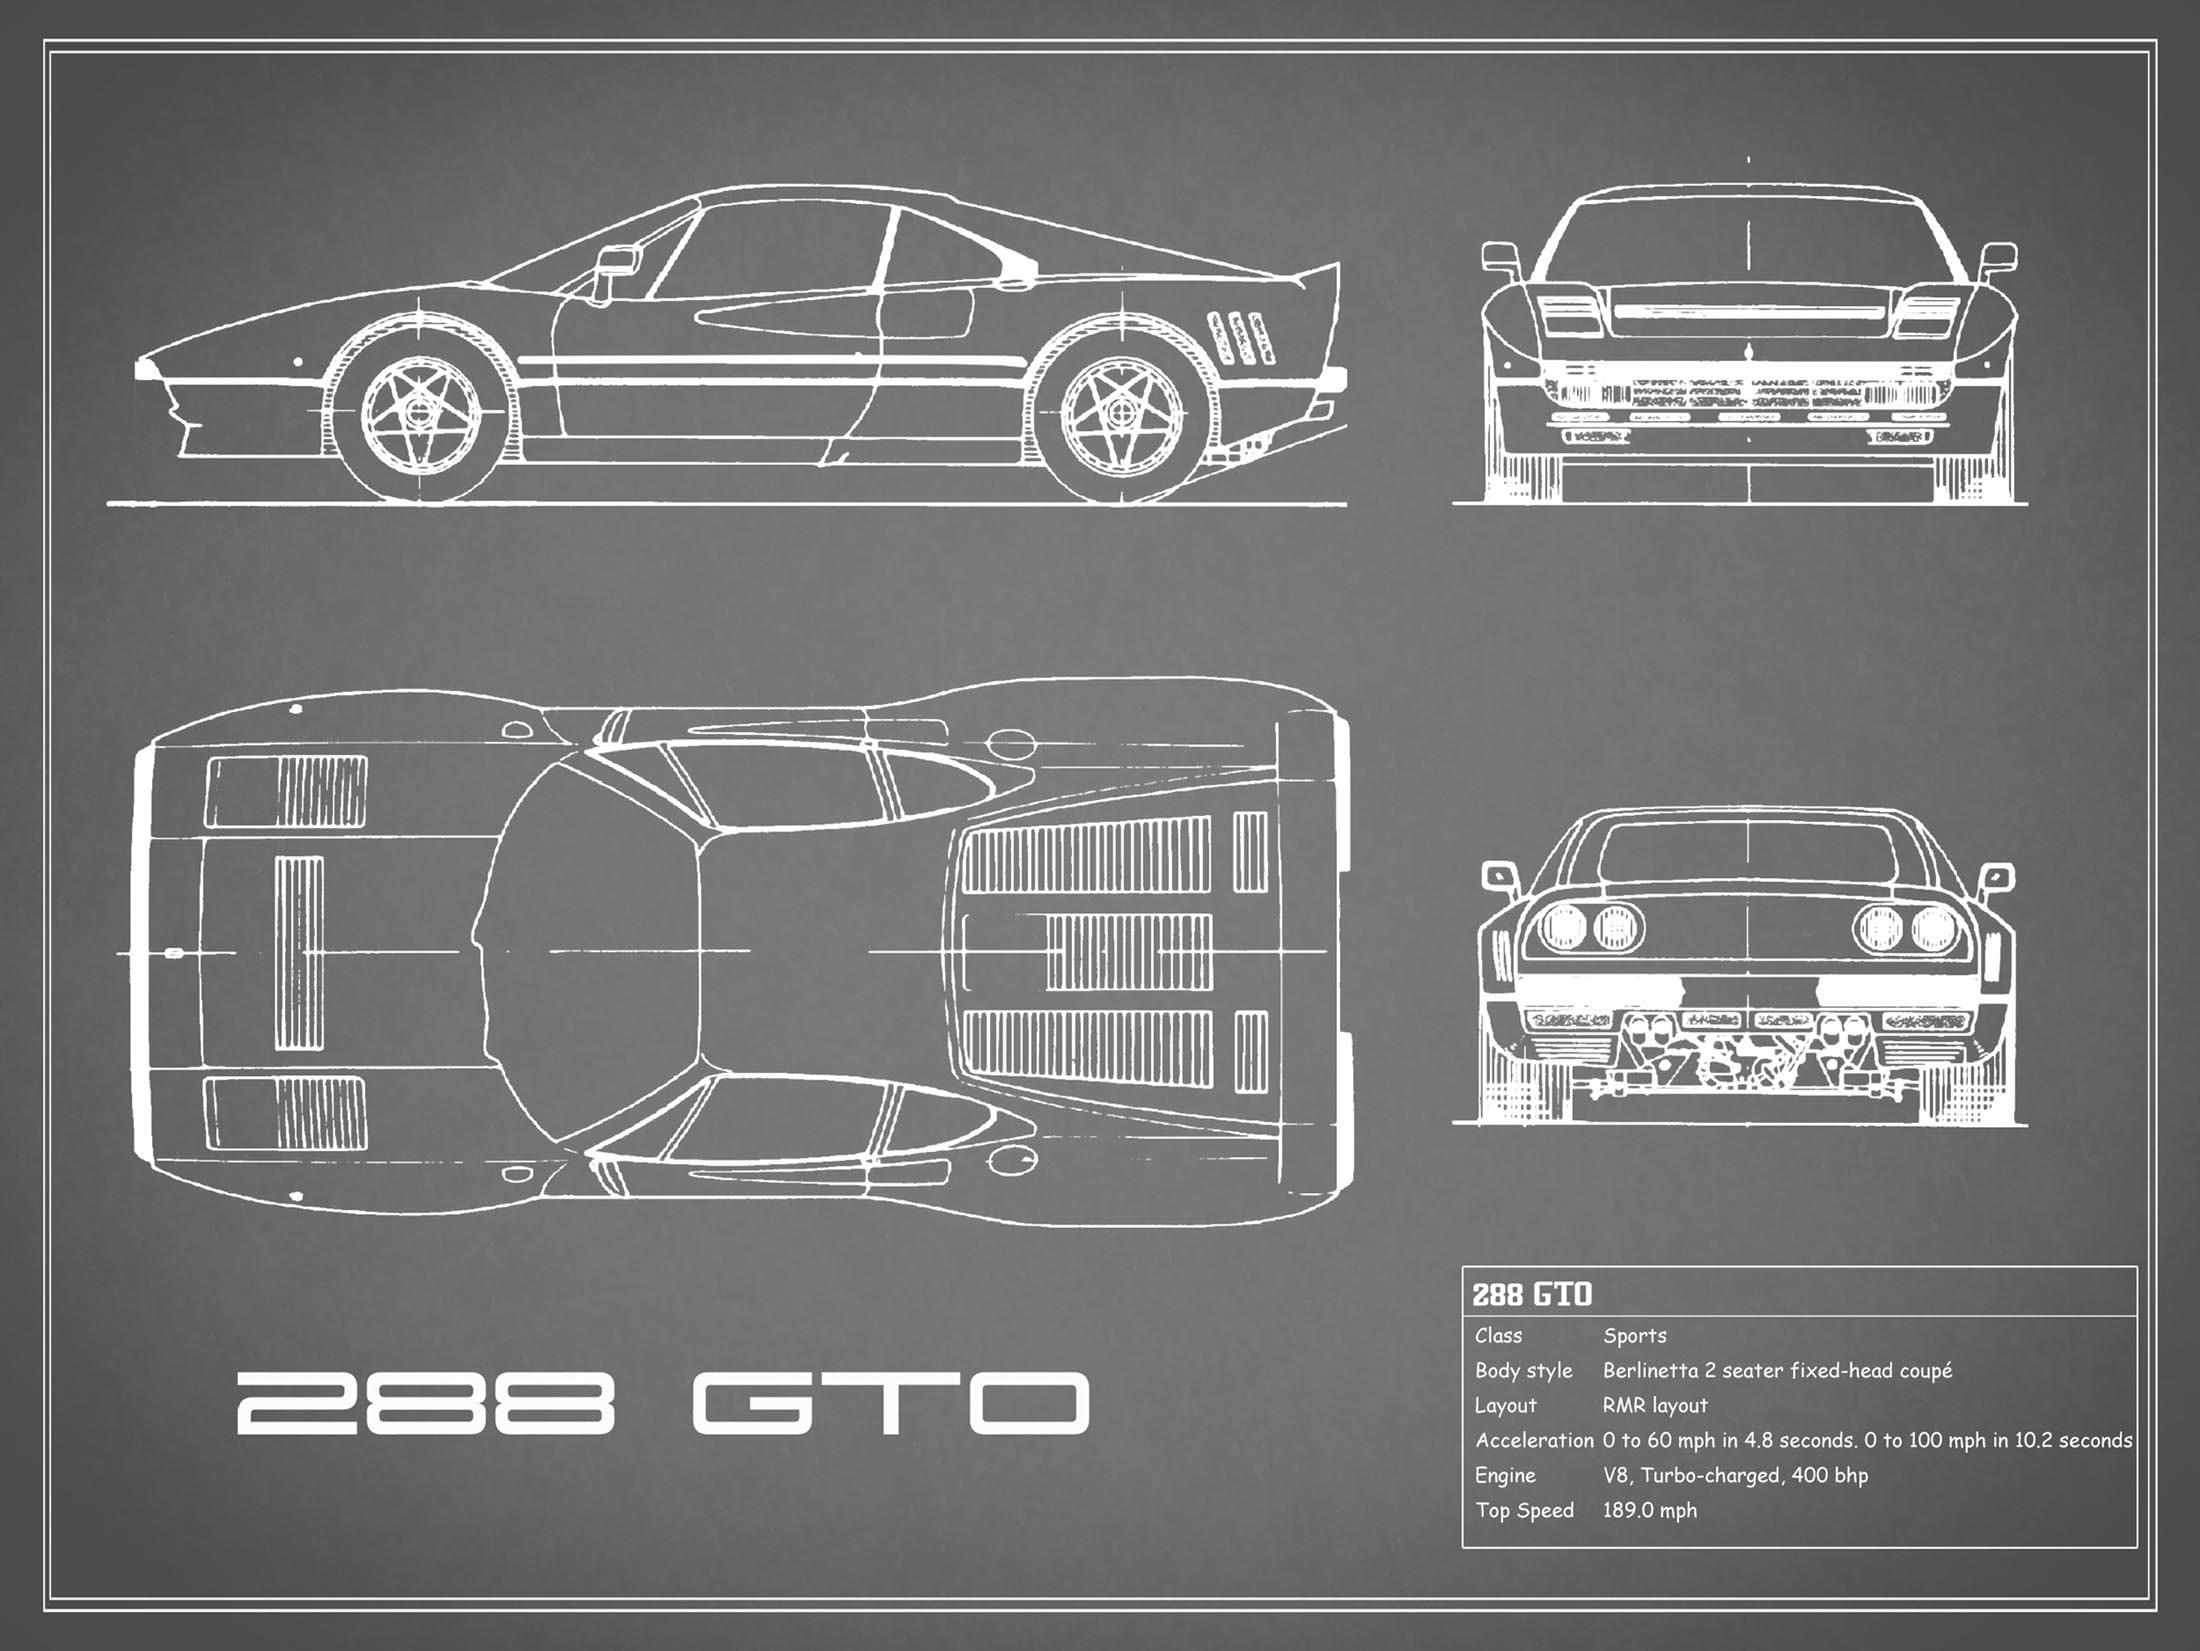 Ferrari 288 GTO - Gray